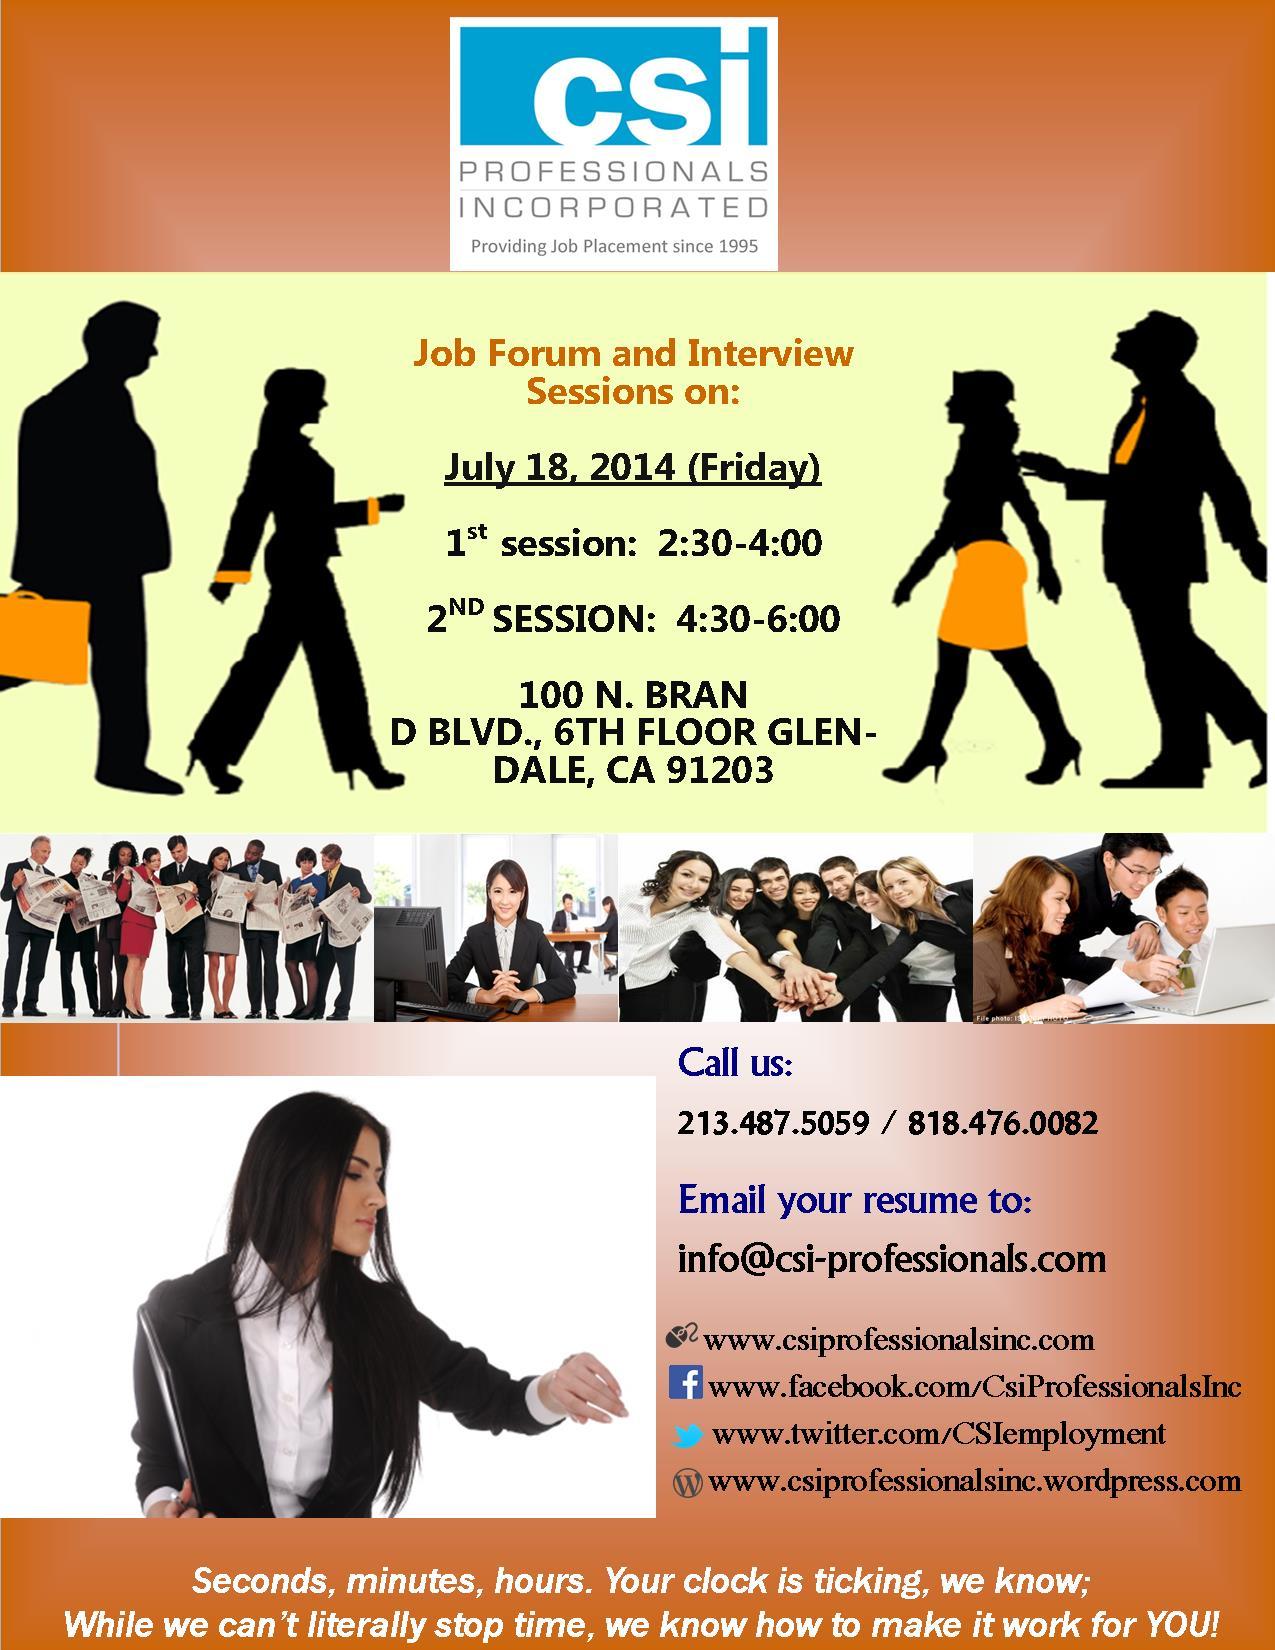 070814 Job Forum Poster for 071814.jpg